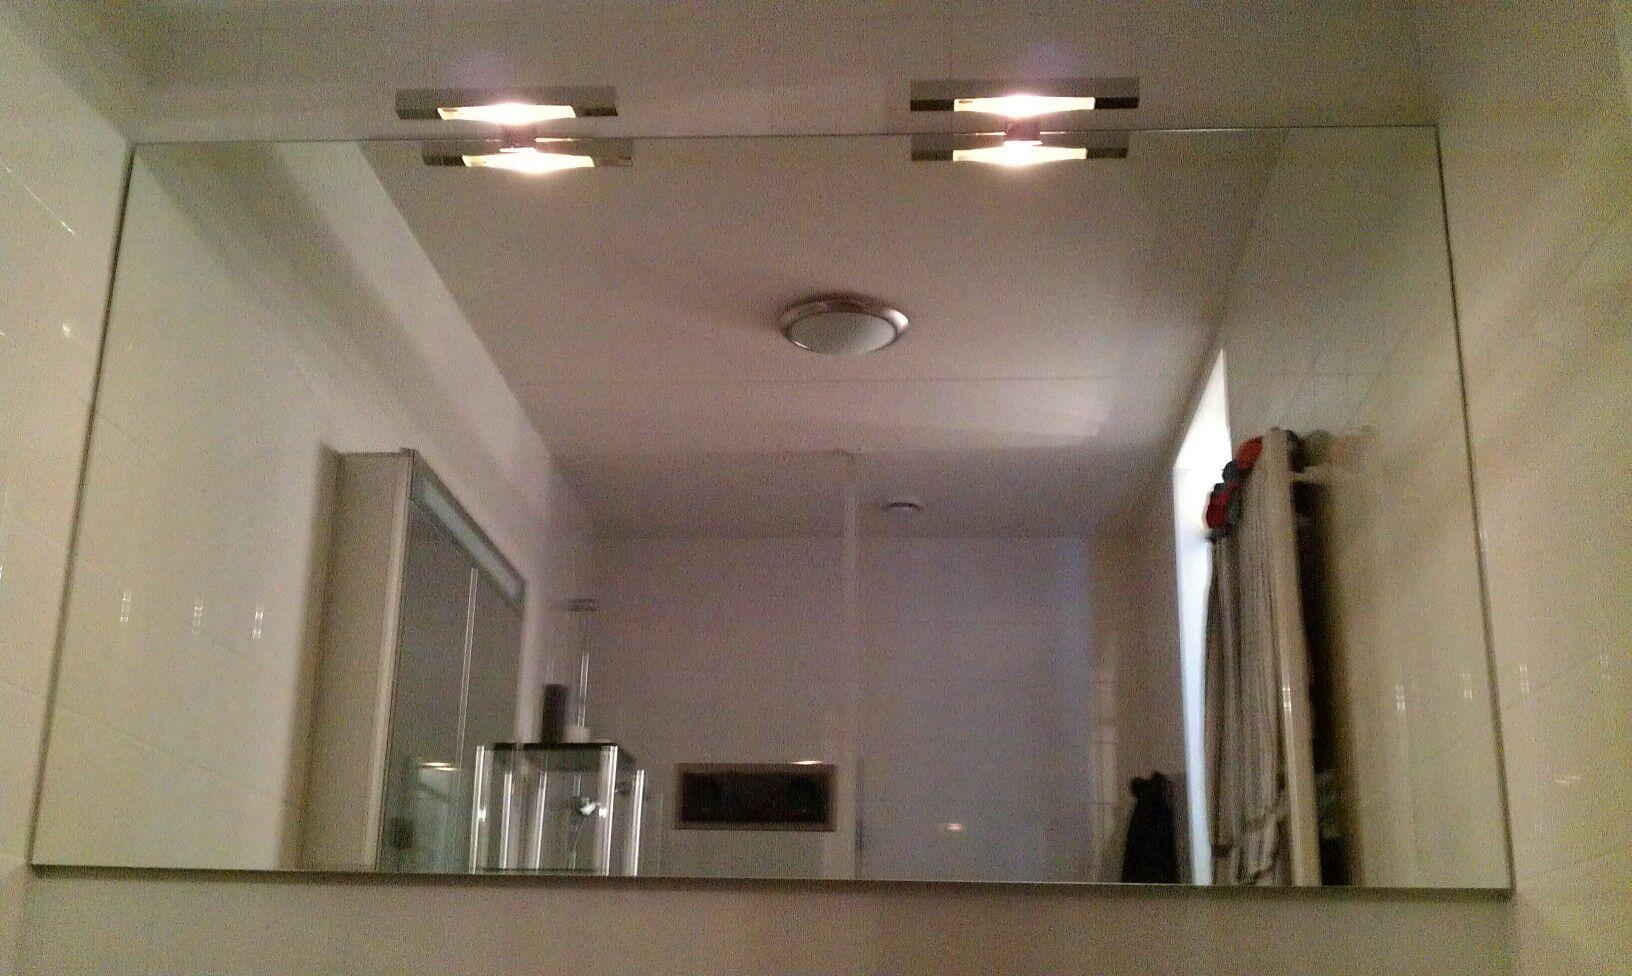 spiegel met halogeen verlichting en schakelaar en